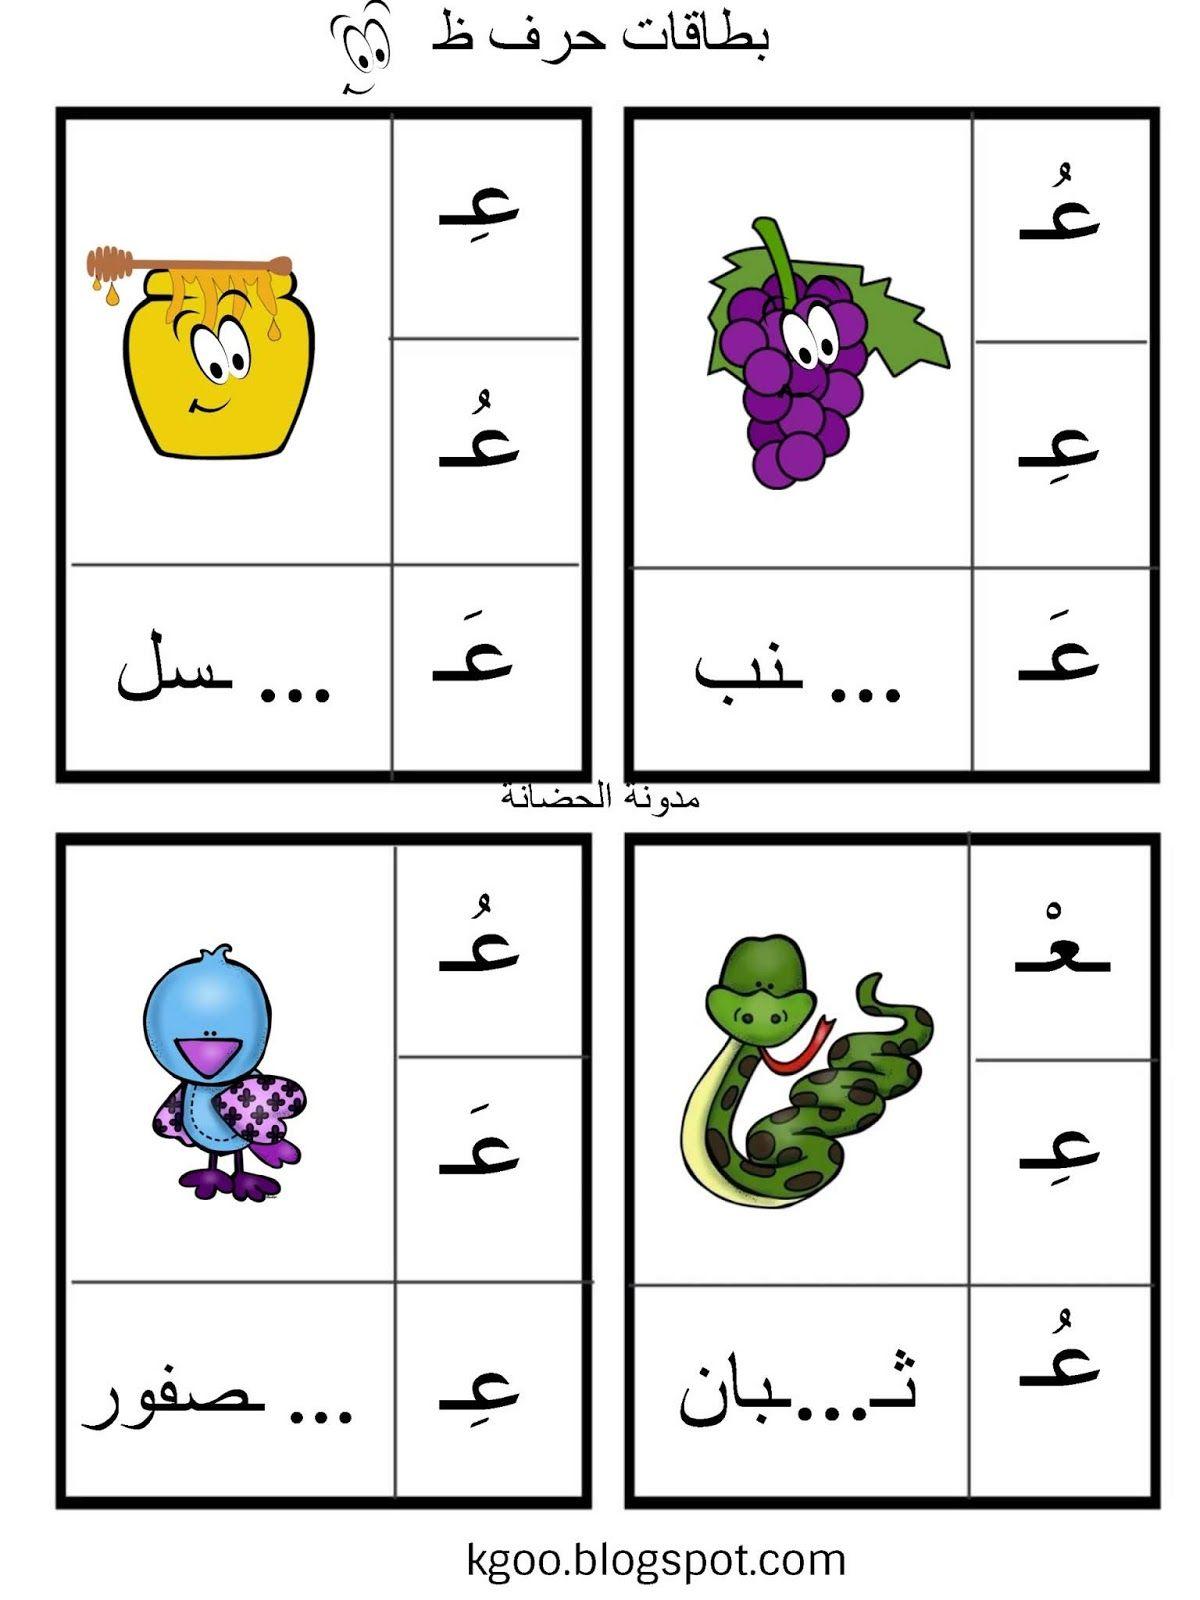 شرح درس حرف العين مع ورقة عمل حرف ع Pdf Arabic Alphabet For Kids Arabic Worksheets Learn Arabic Alphabet